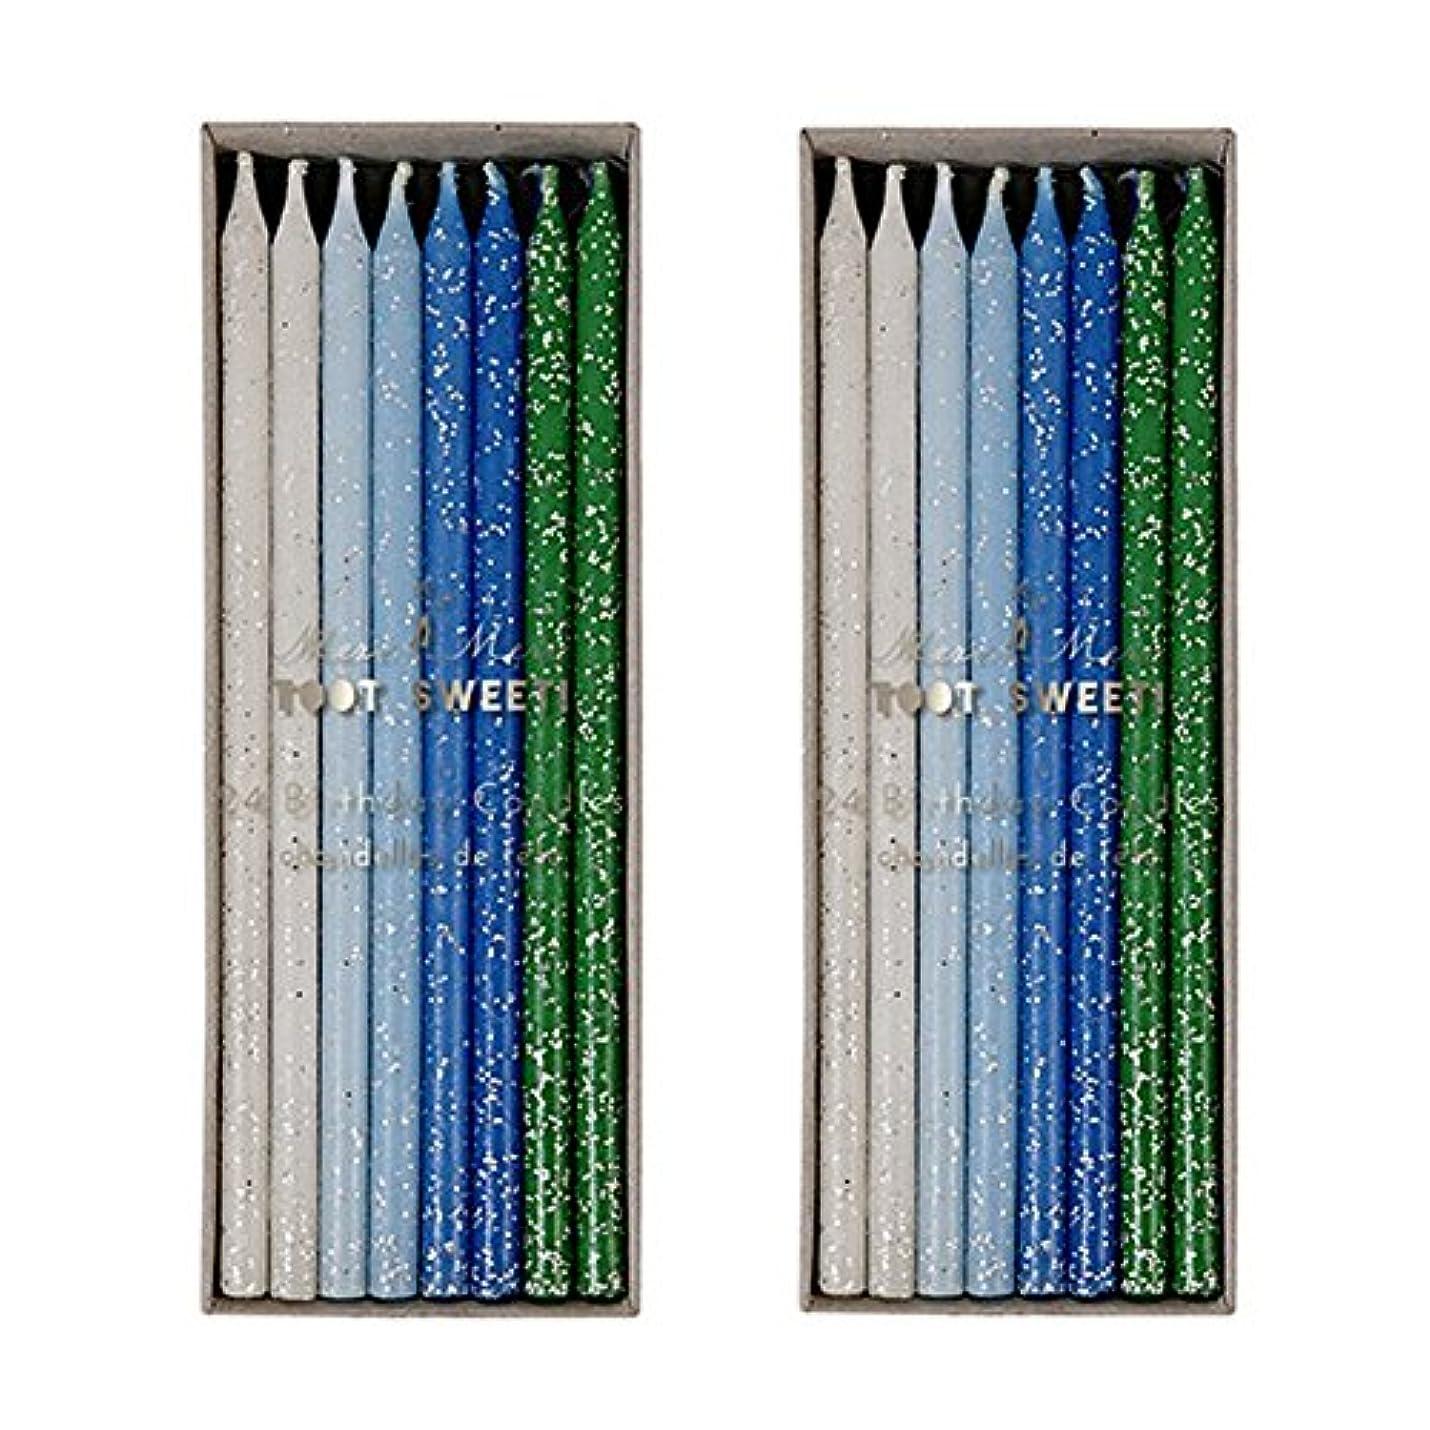 差別フィクションガジュマルMeri Meri Birthday Candles 2つpack-48キャンドル ブルー